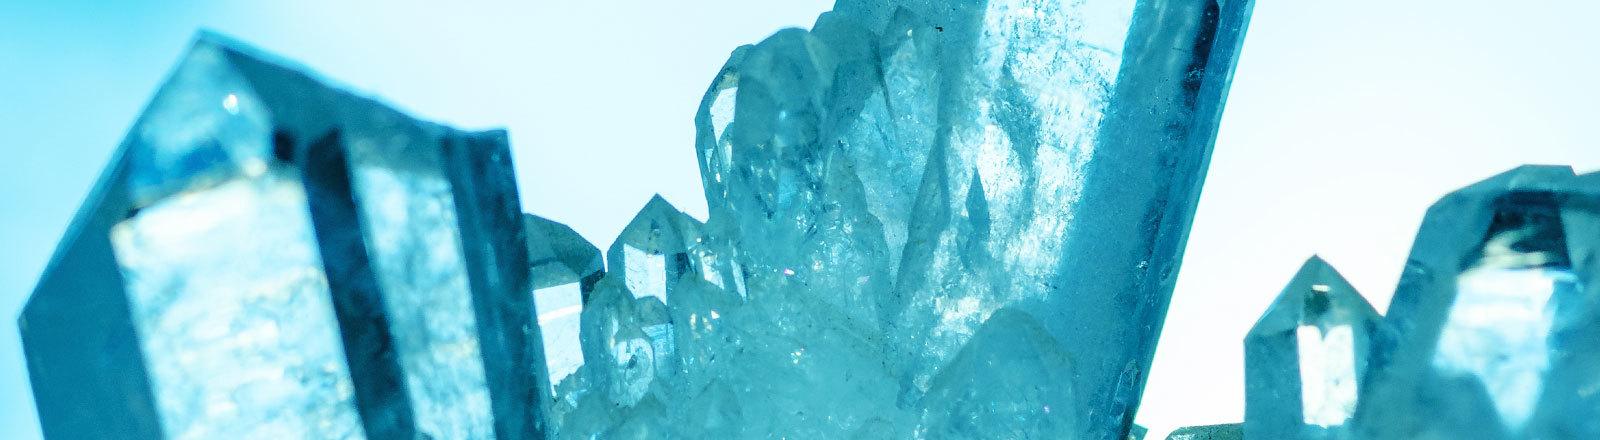 Kristalle als neuer Trend?